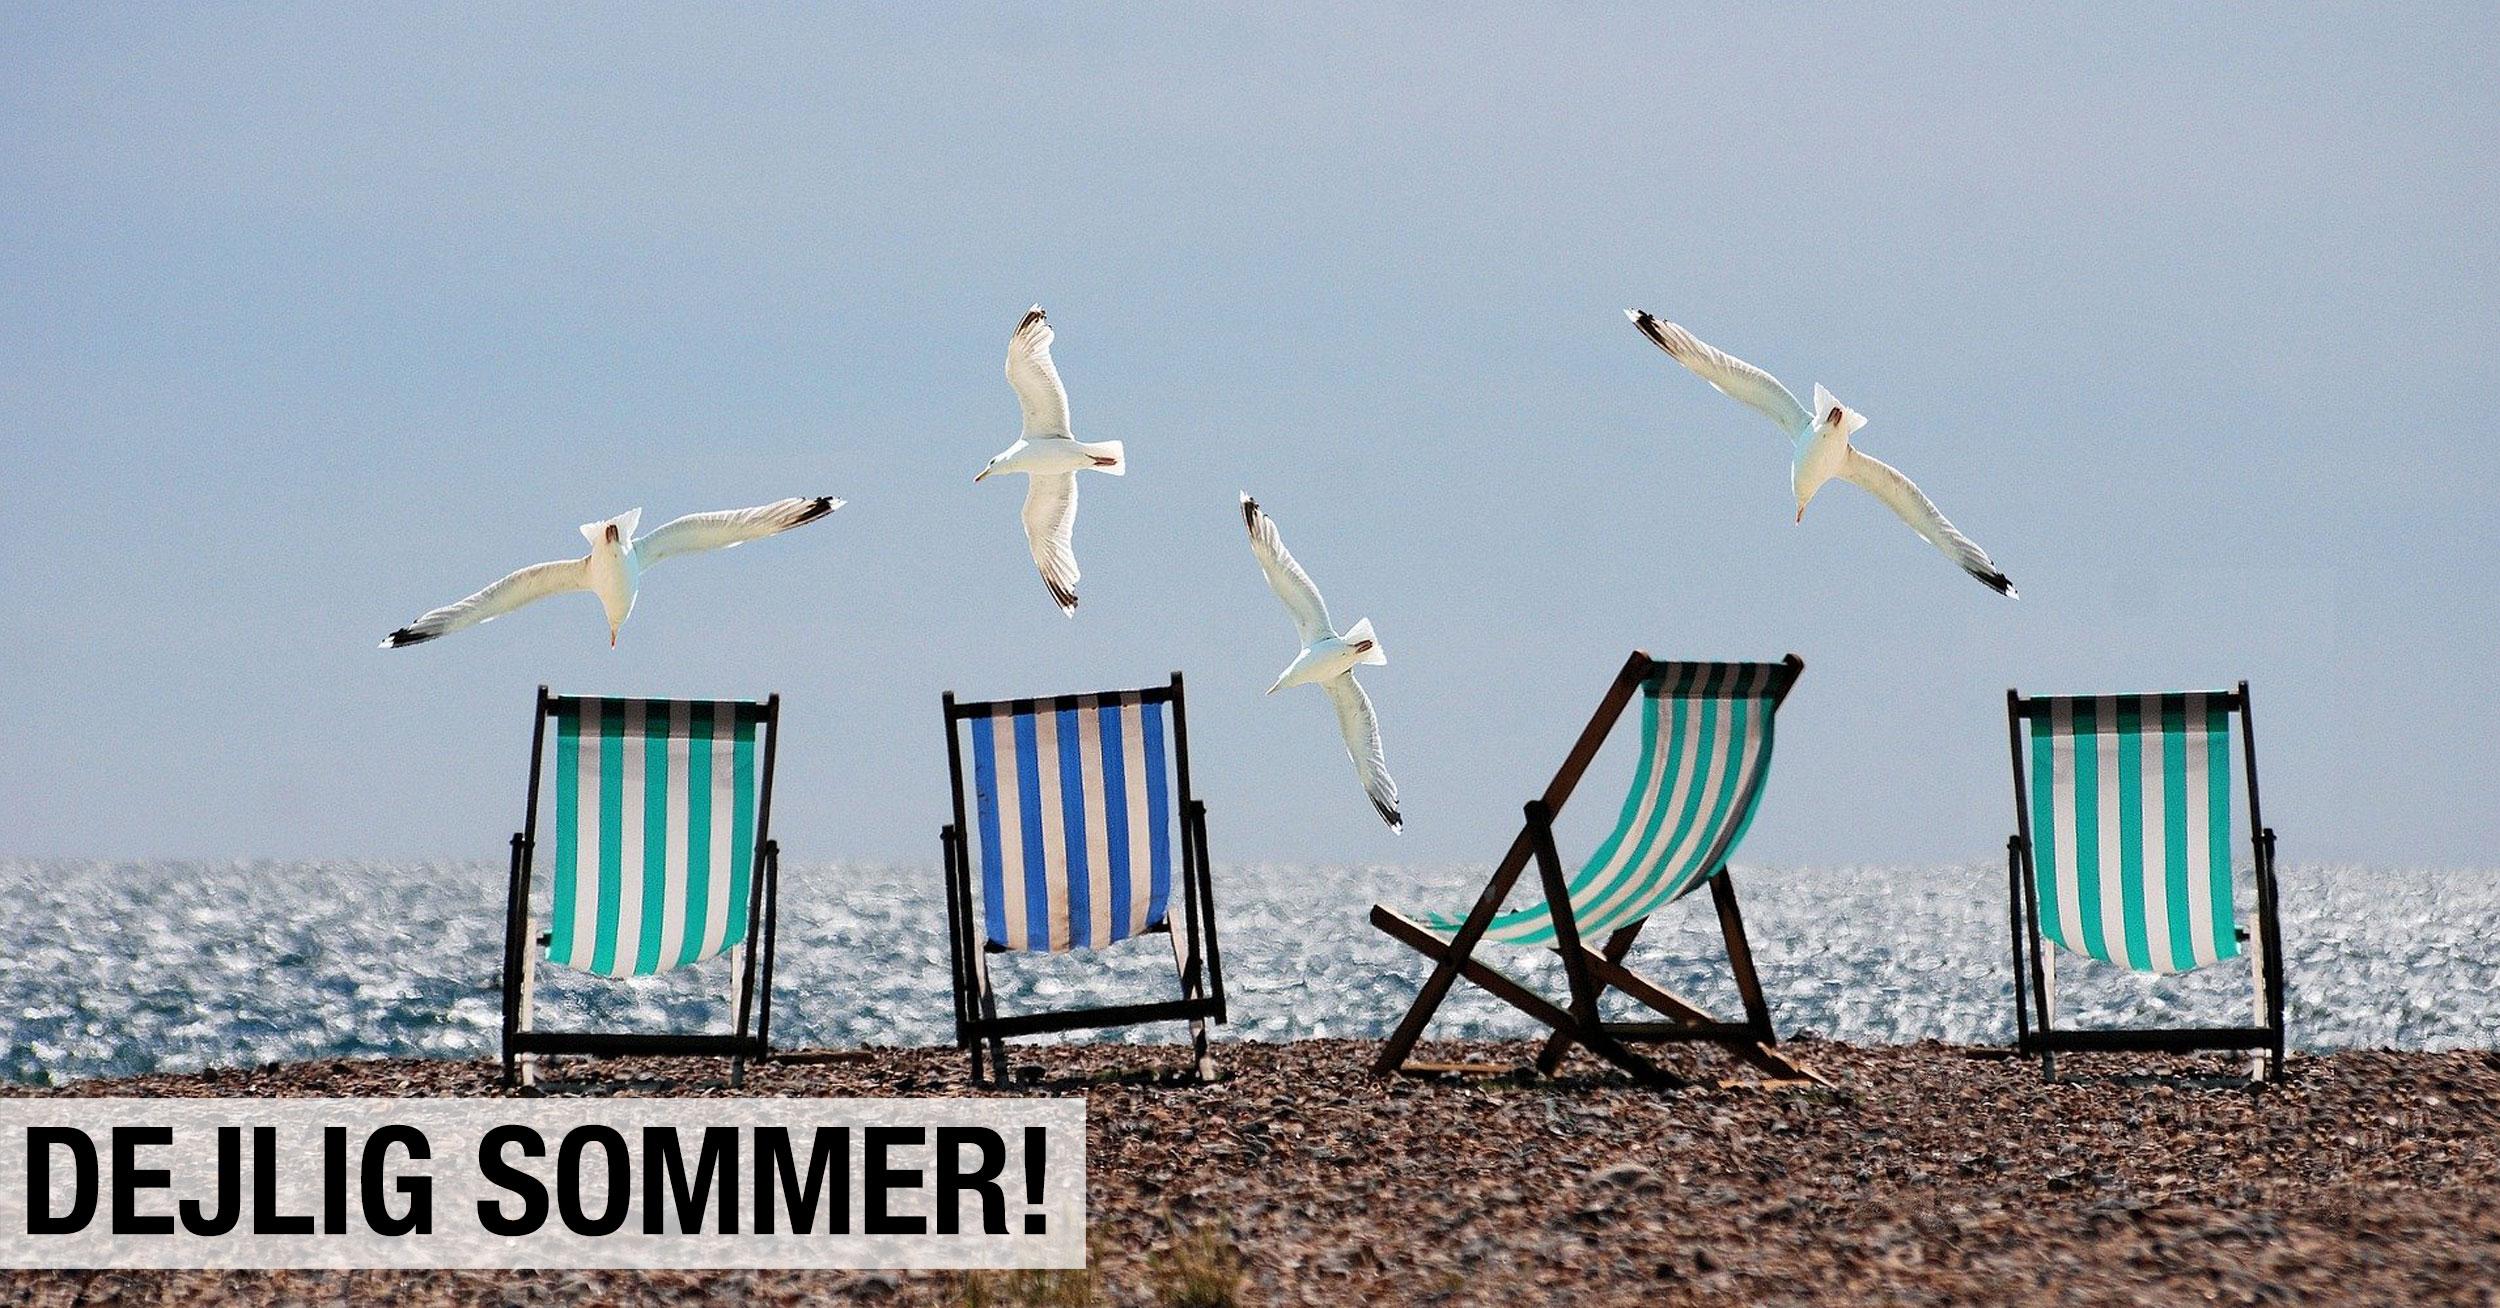 Dejlig sommer